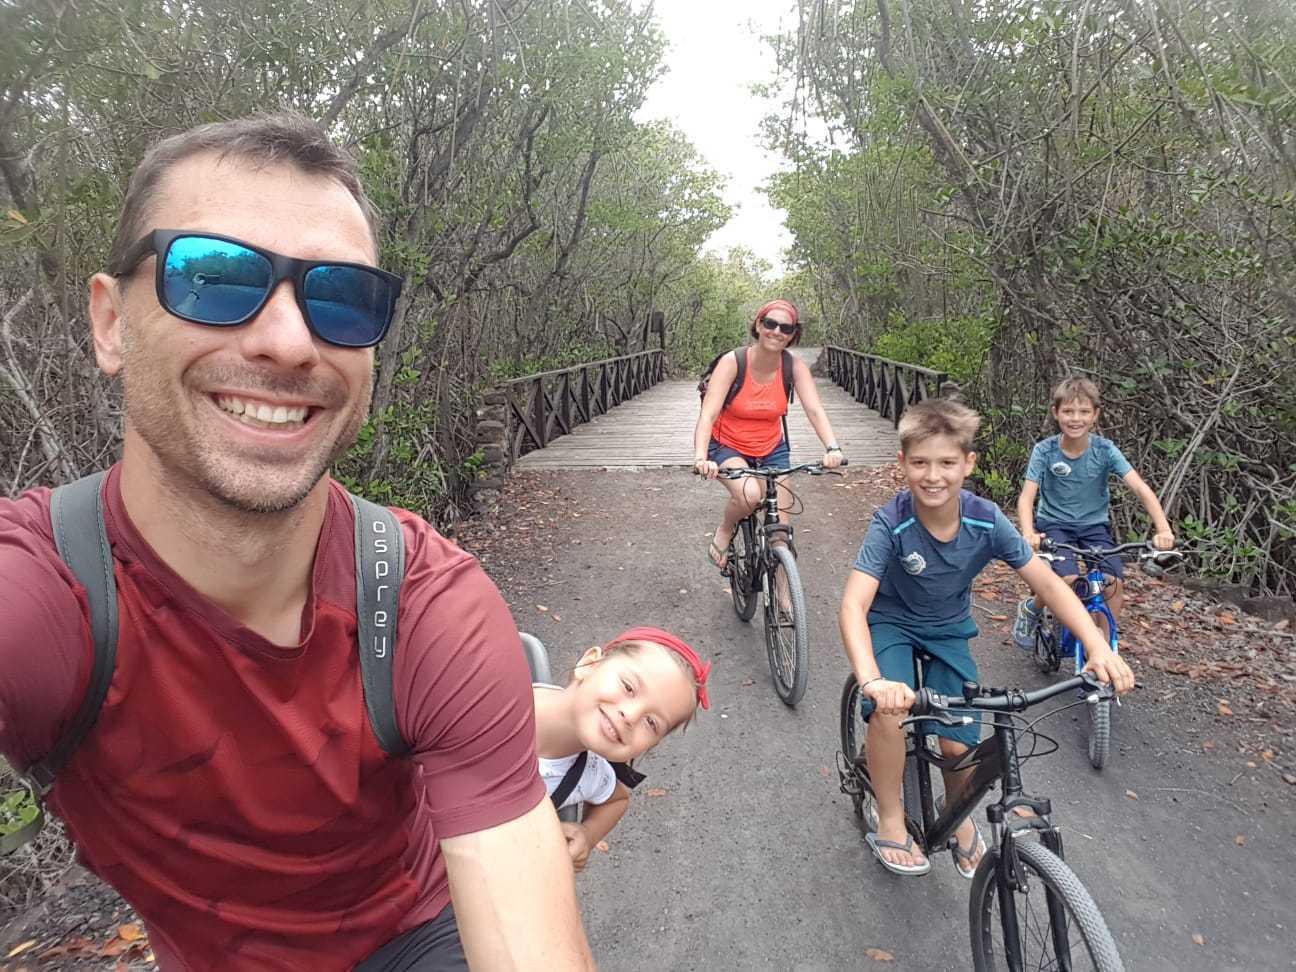 voyage galapagos famille vélo isabela